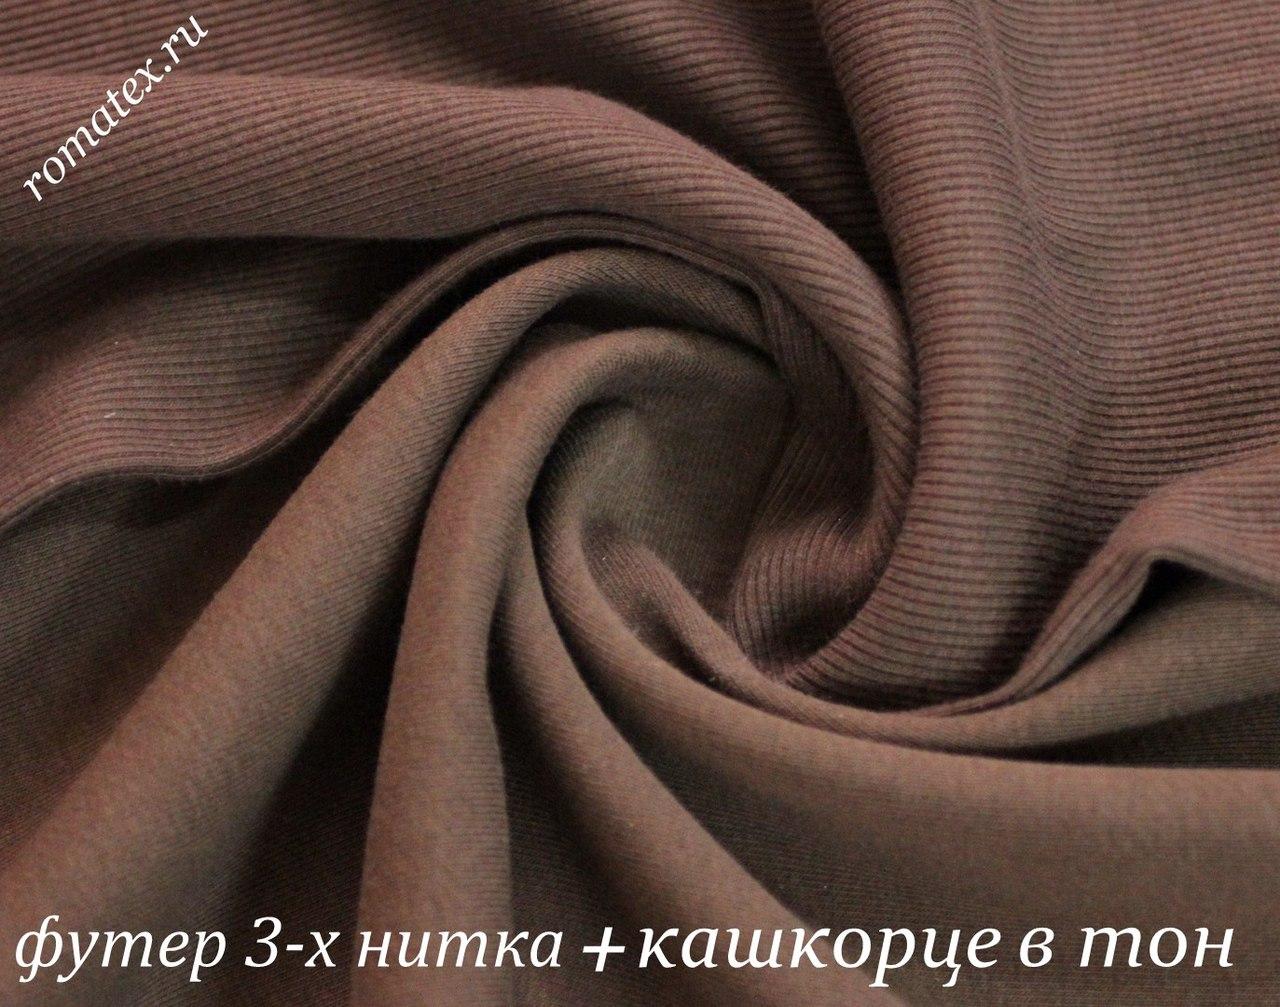 Футер 3-х нитка петля качествоПенье цвет коричневый